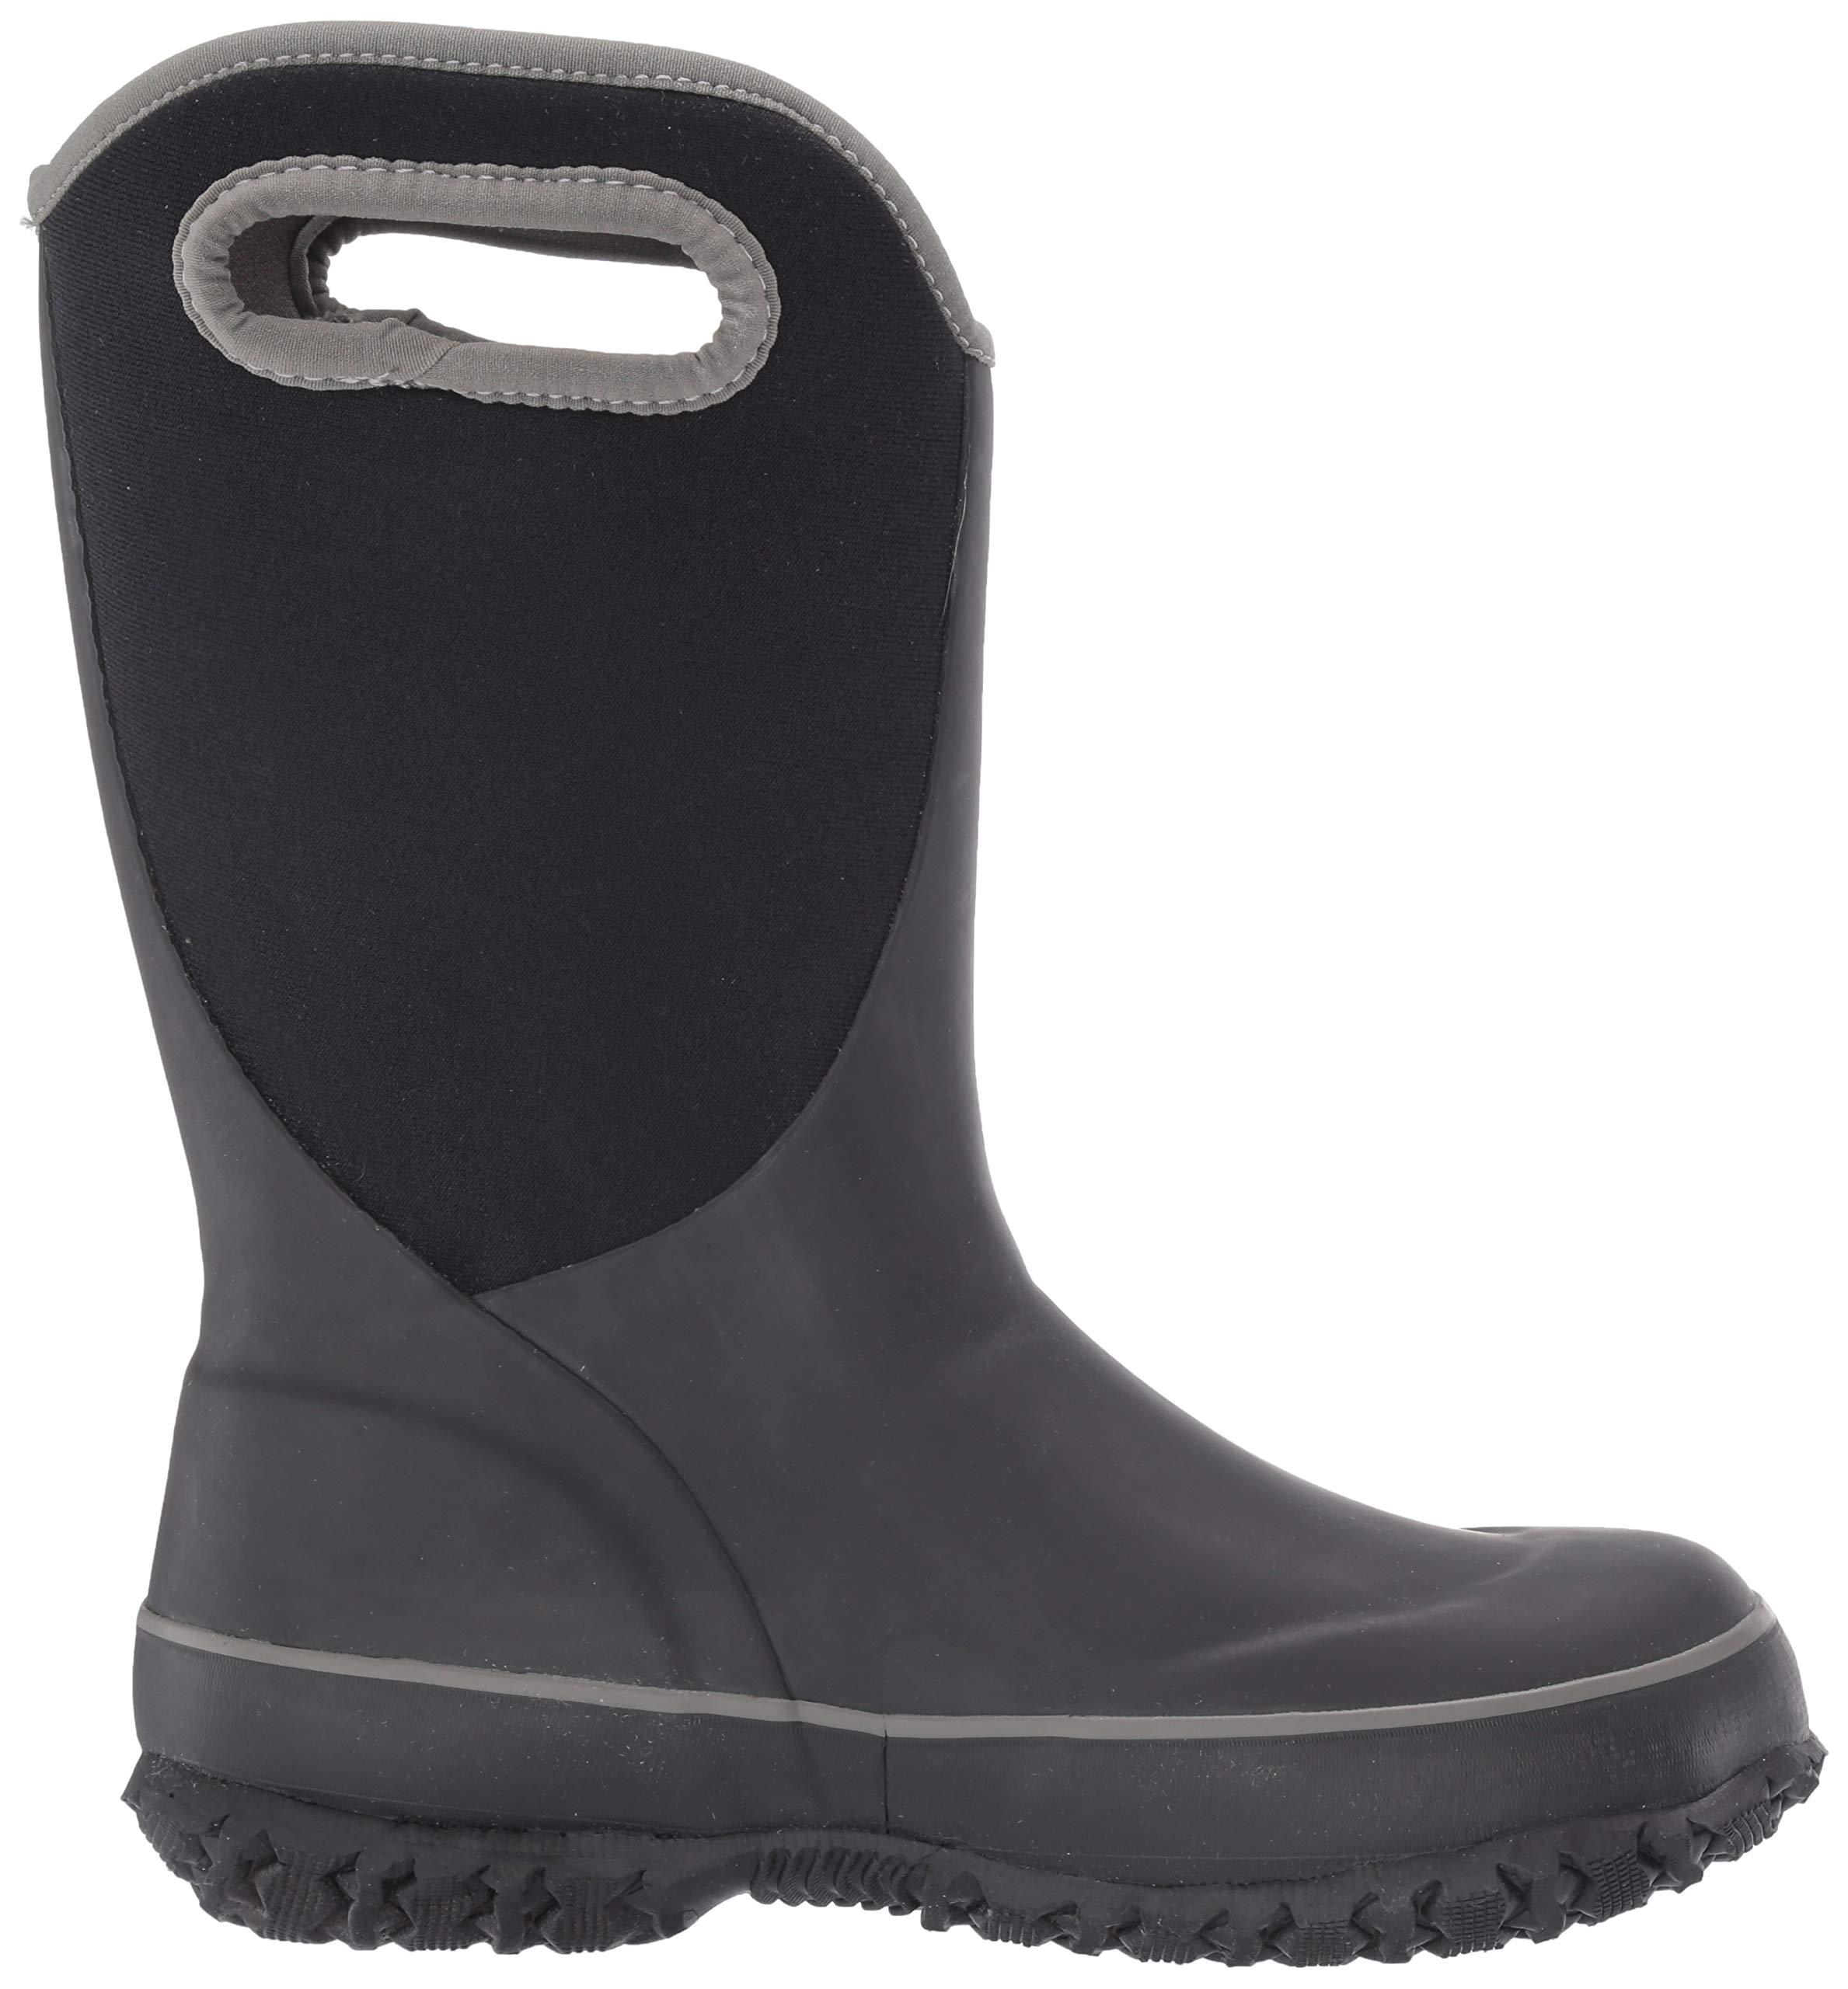 Bogs Unisex Slushie Snow Boot, Solid Black/Multi, 5 Medium US Big Kid by Bogs (Image #6)